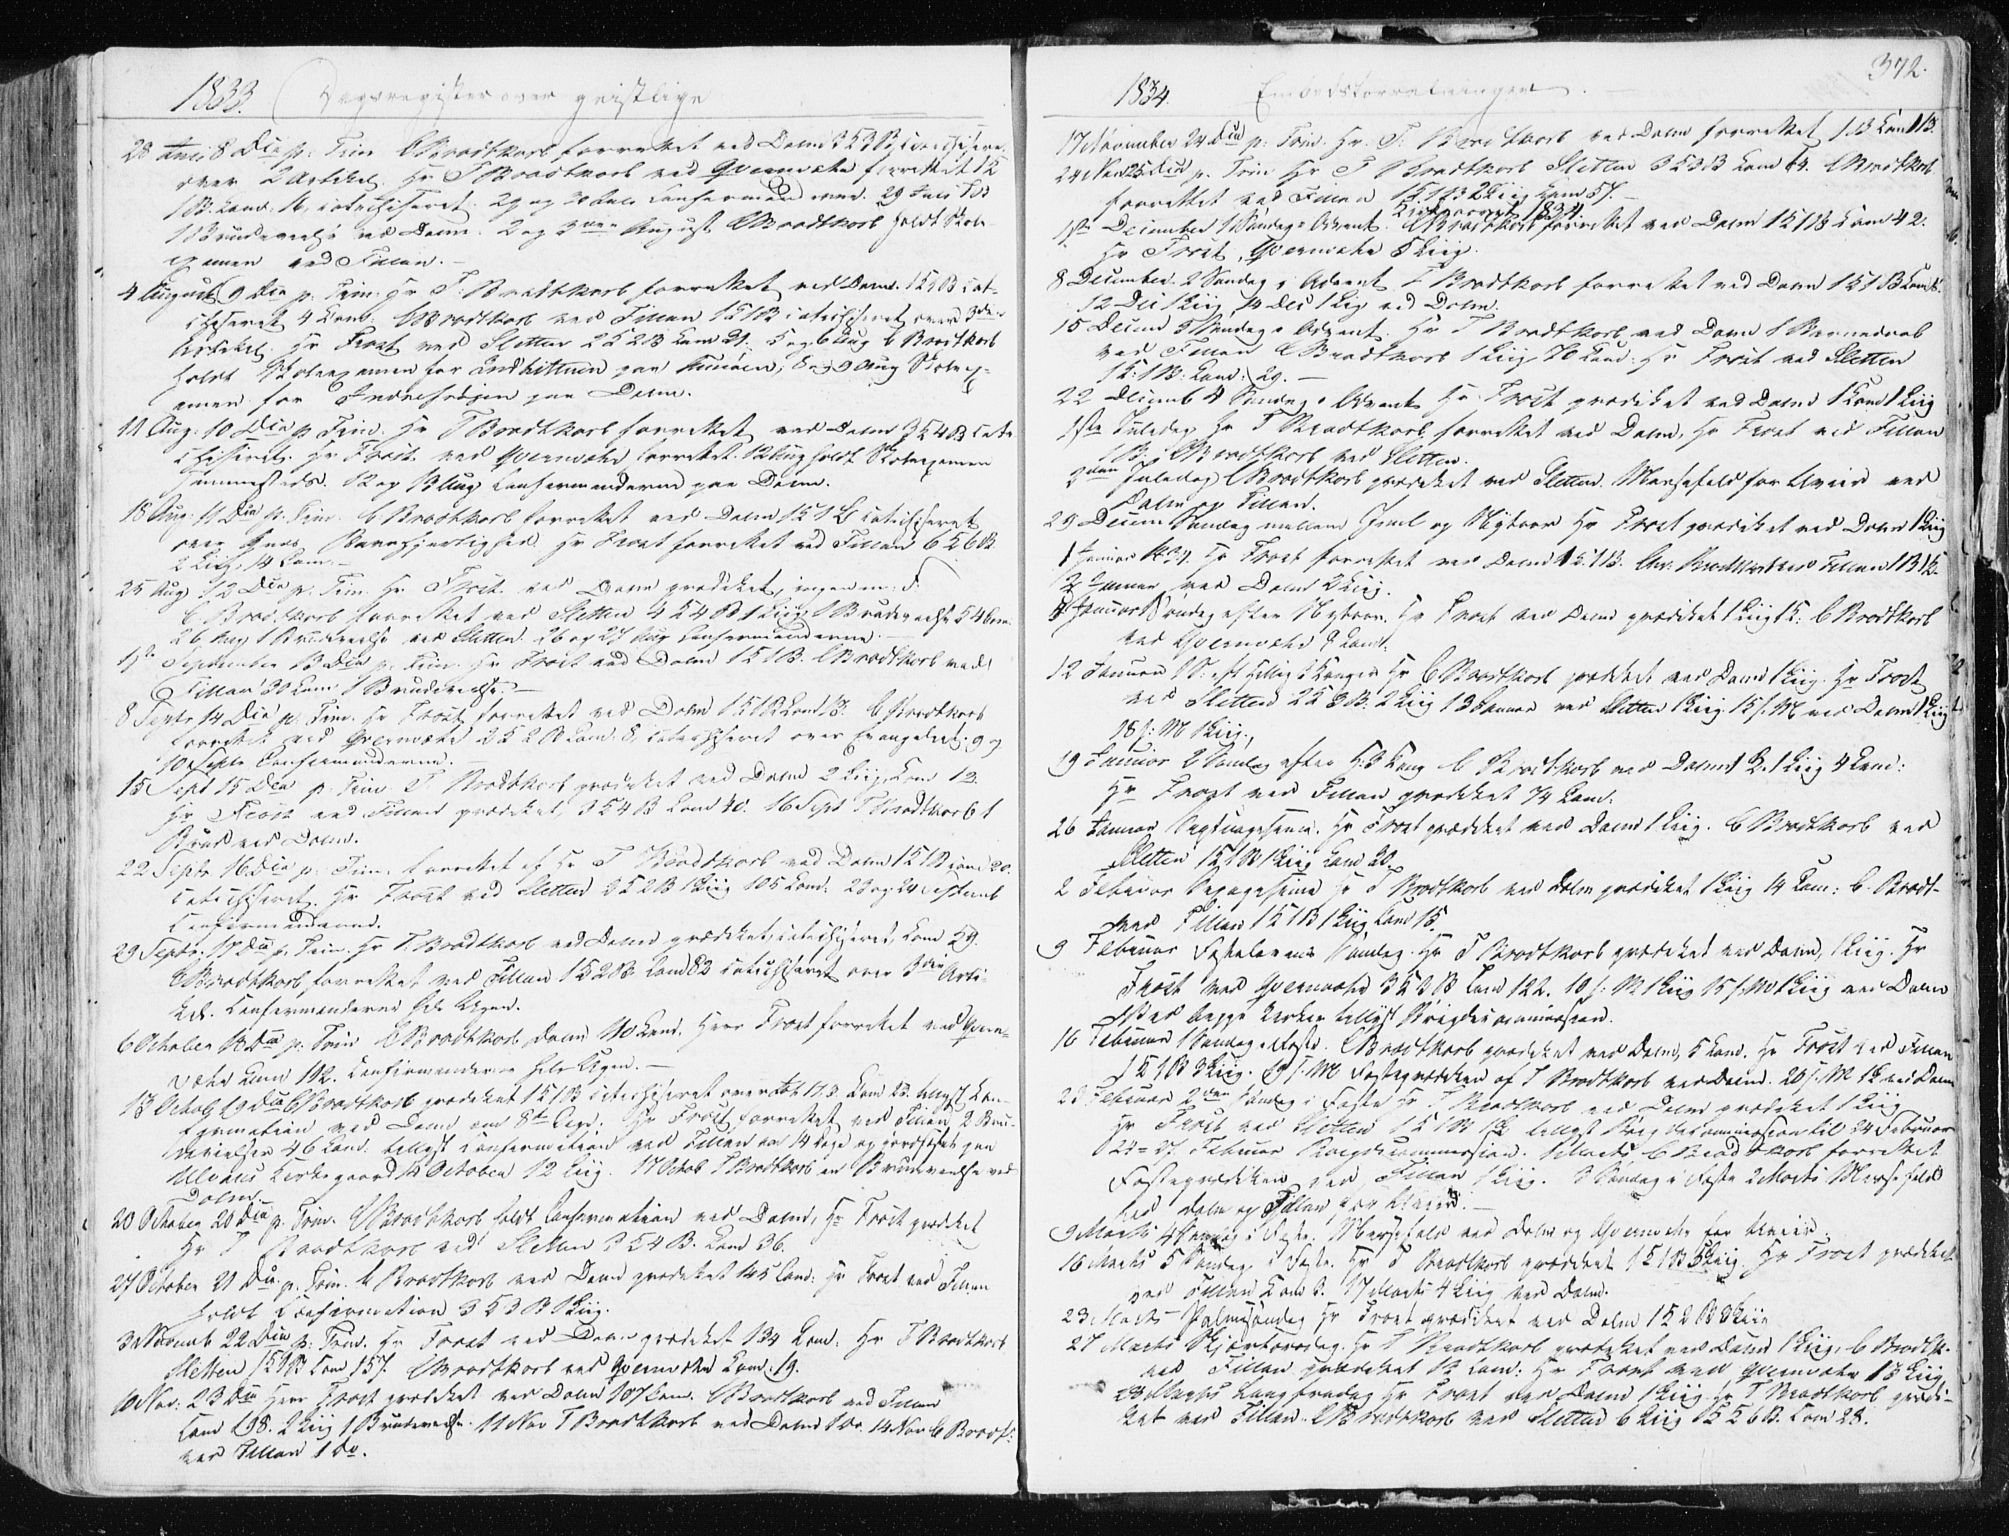 SAT, Ministerialprotokoller, klokkerbøker og fødselsregistre - Sør-Trøndelag, 634/L0528: Ministerialbok nr. 634A04, 1827-1842, s. 372